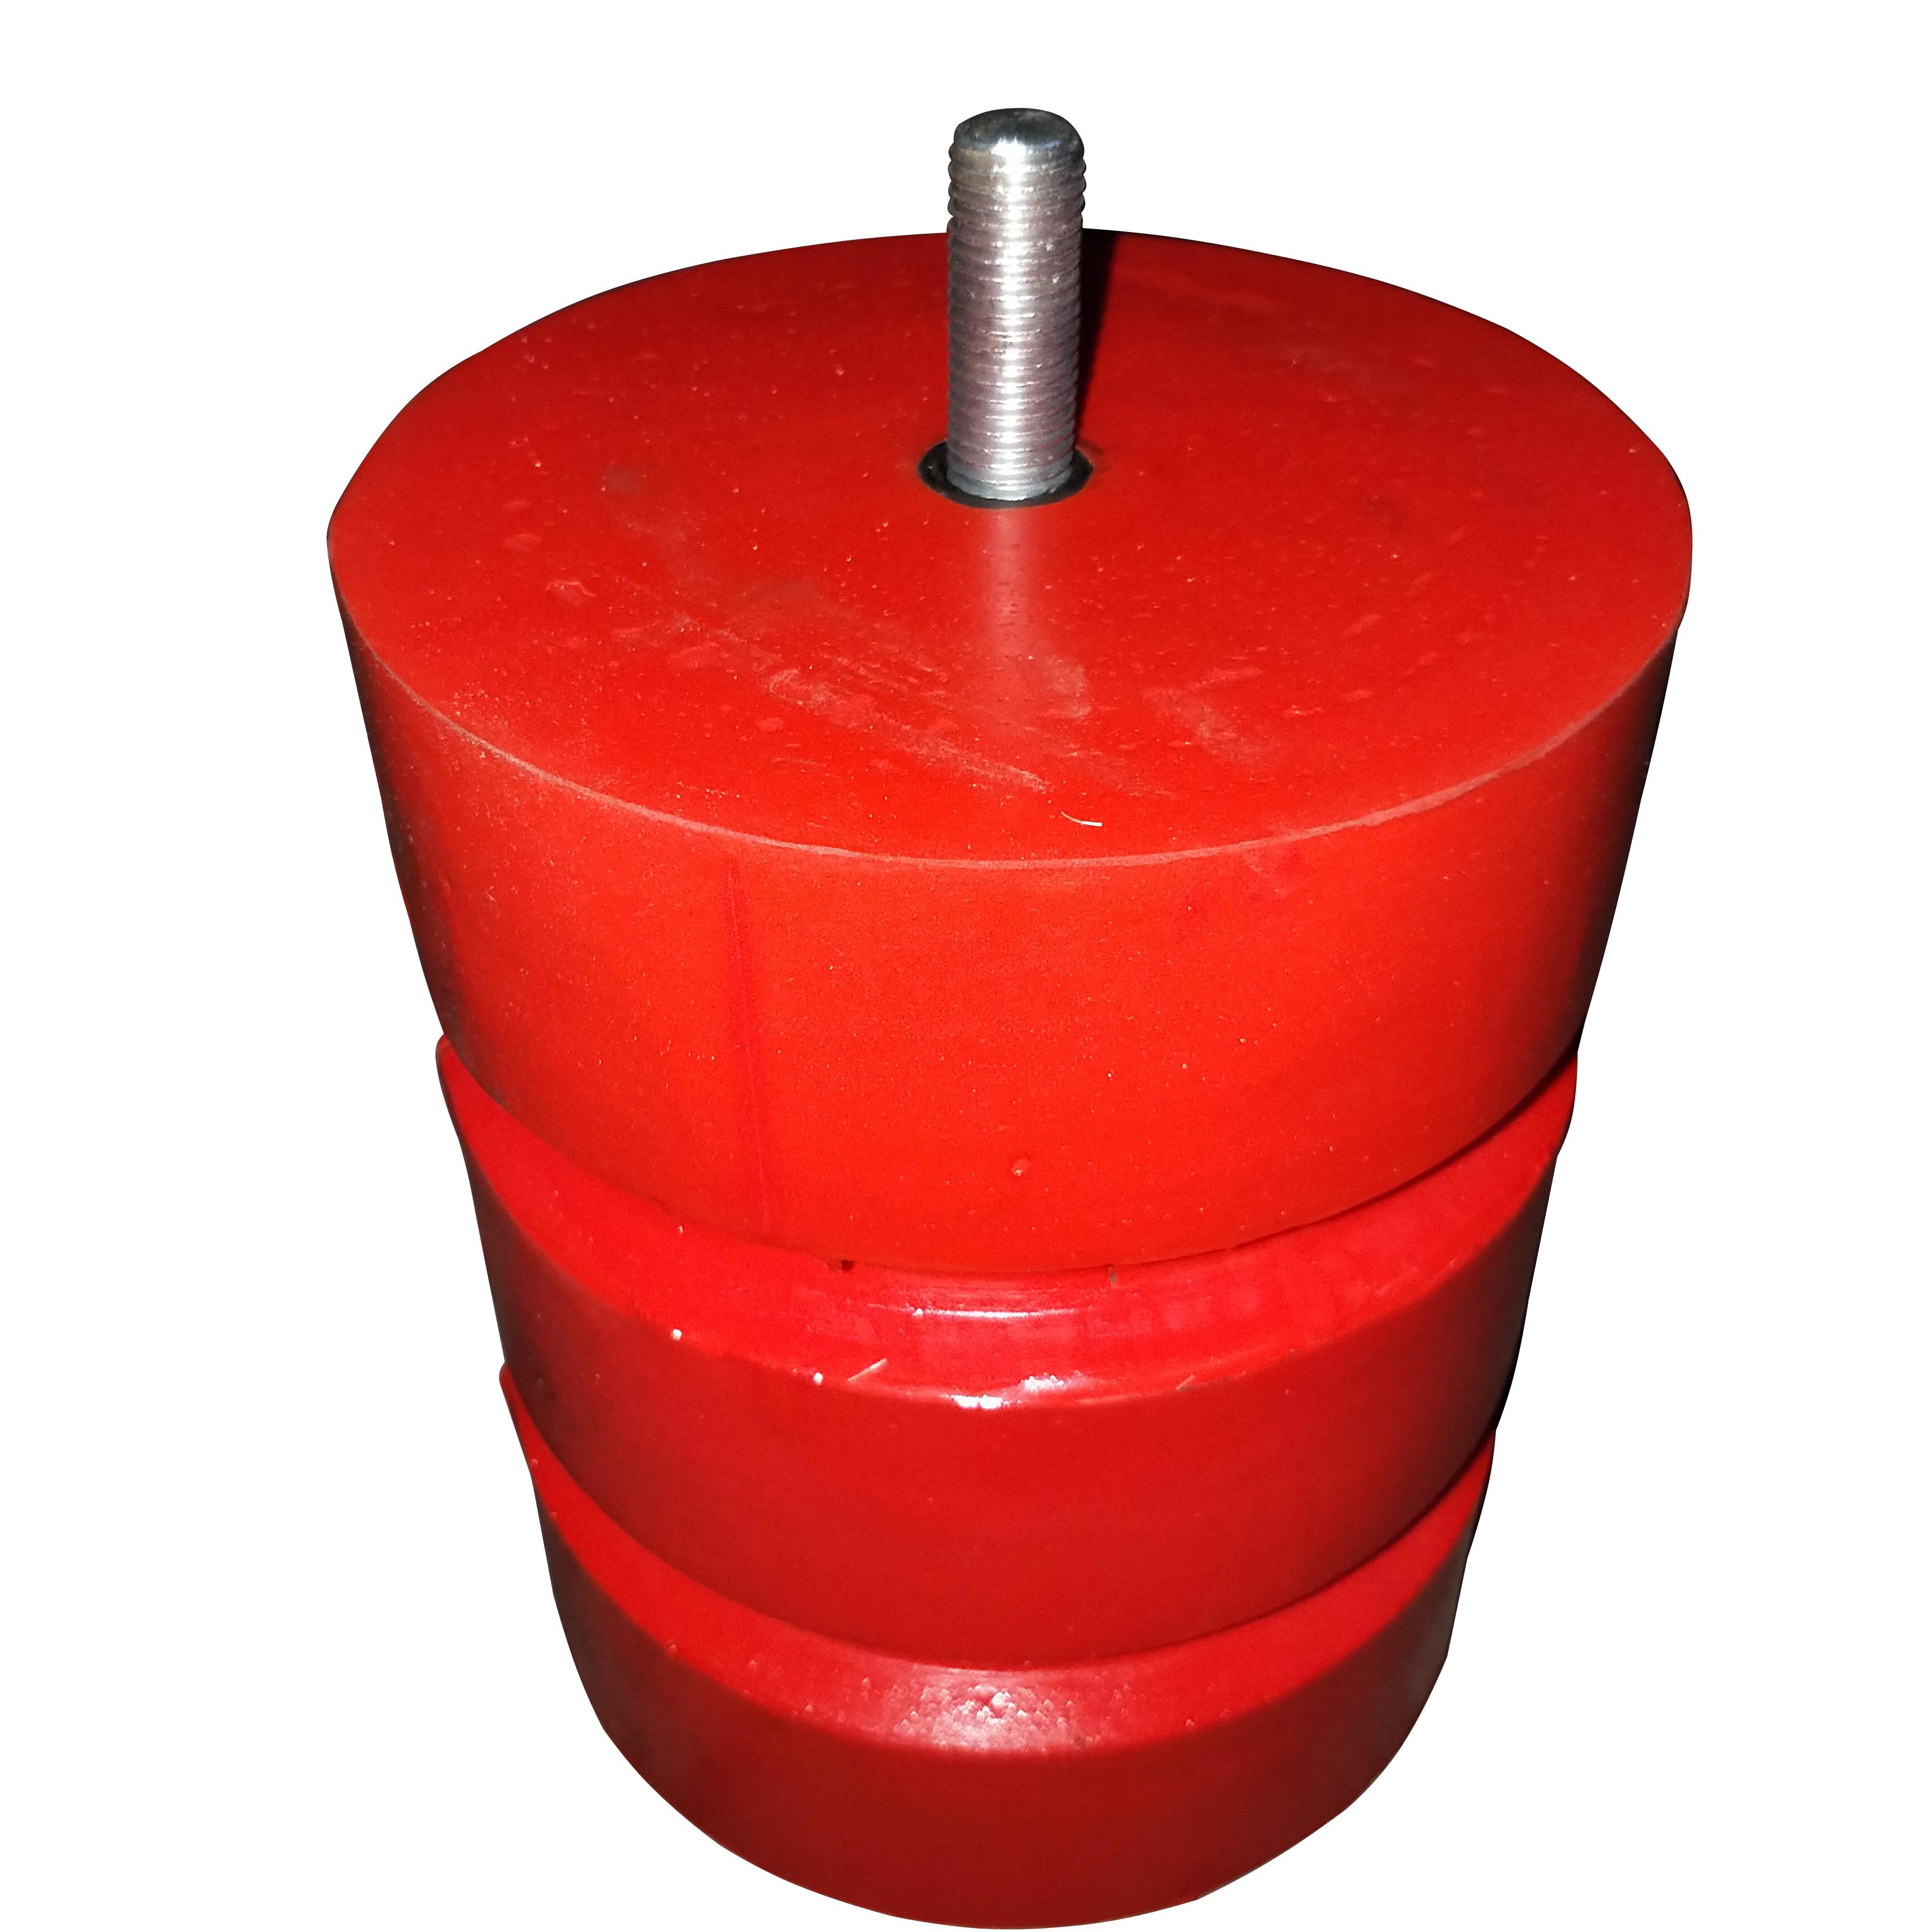 法兰盘式起重机缓冲器 电梯碰头 JHQ-C-25聚氨酯缓冲器